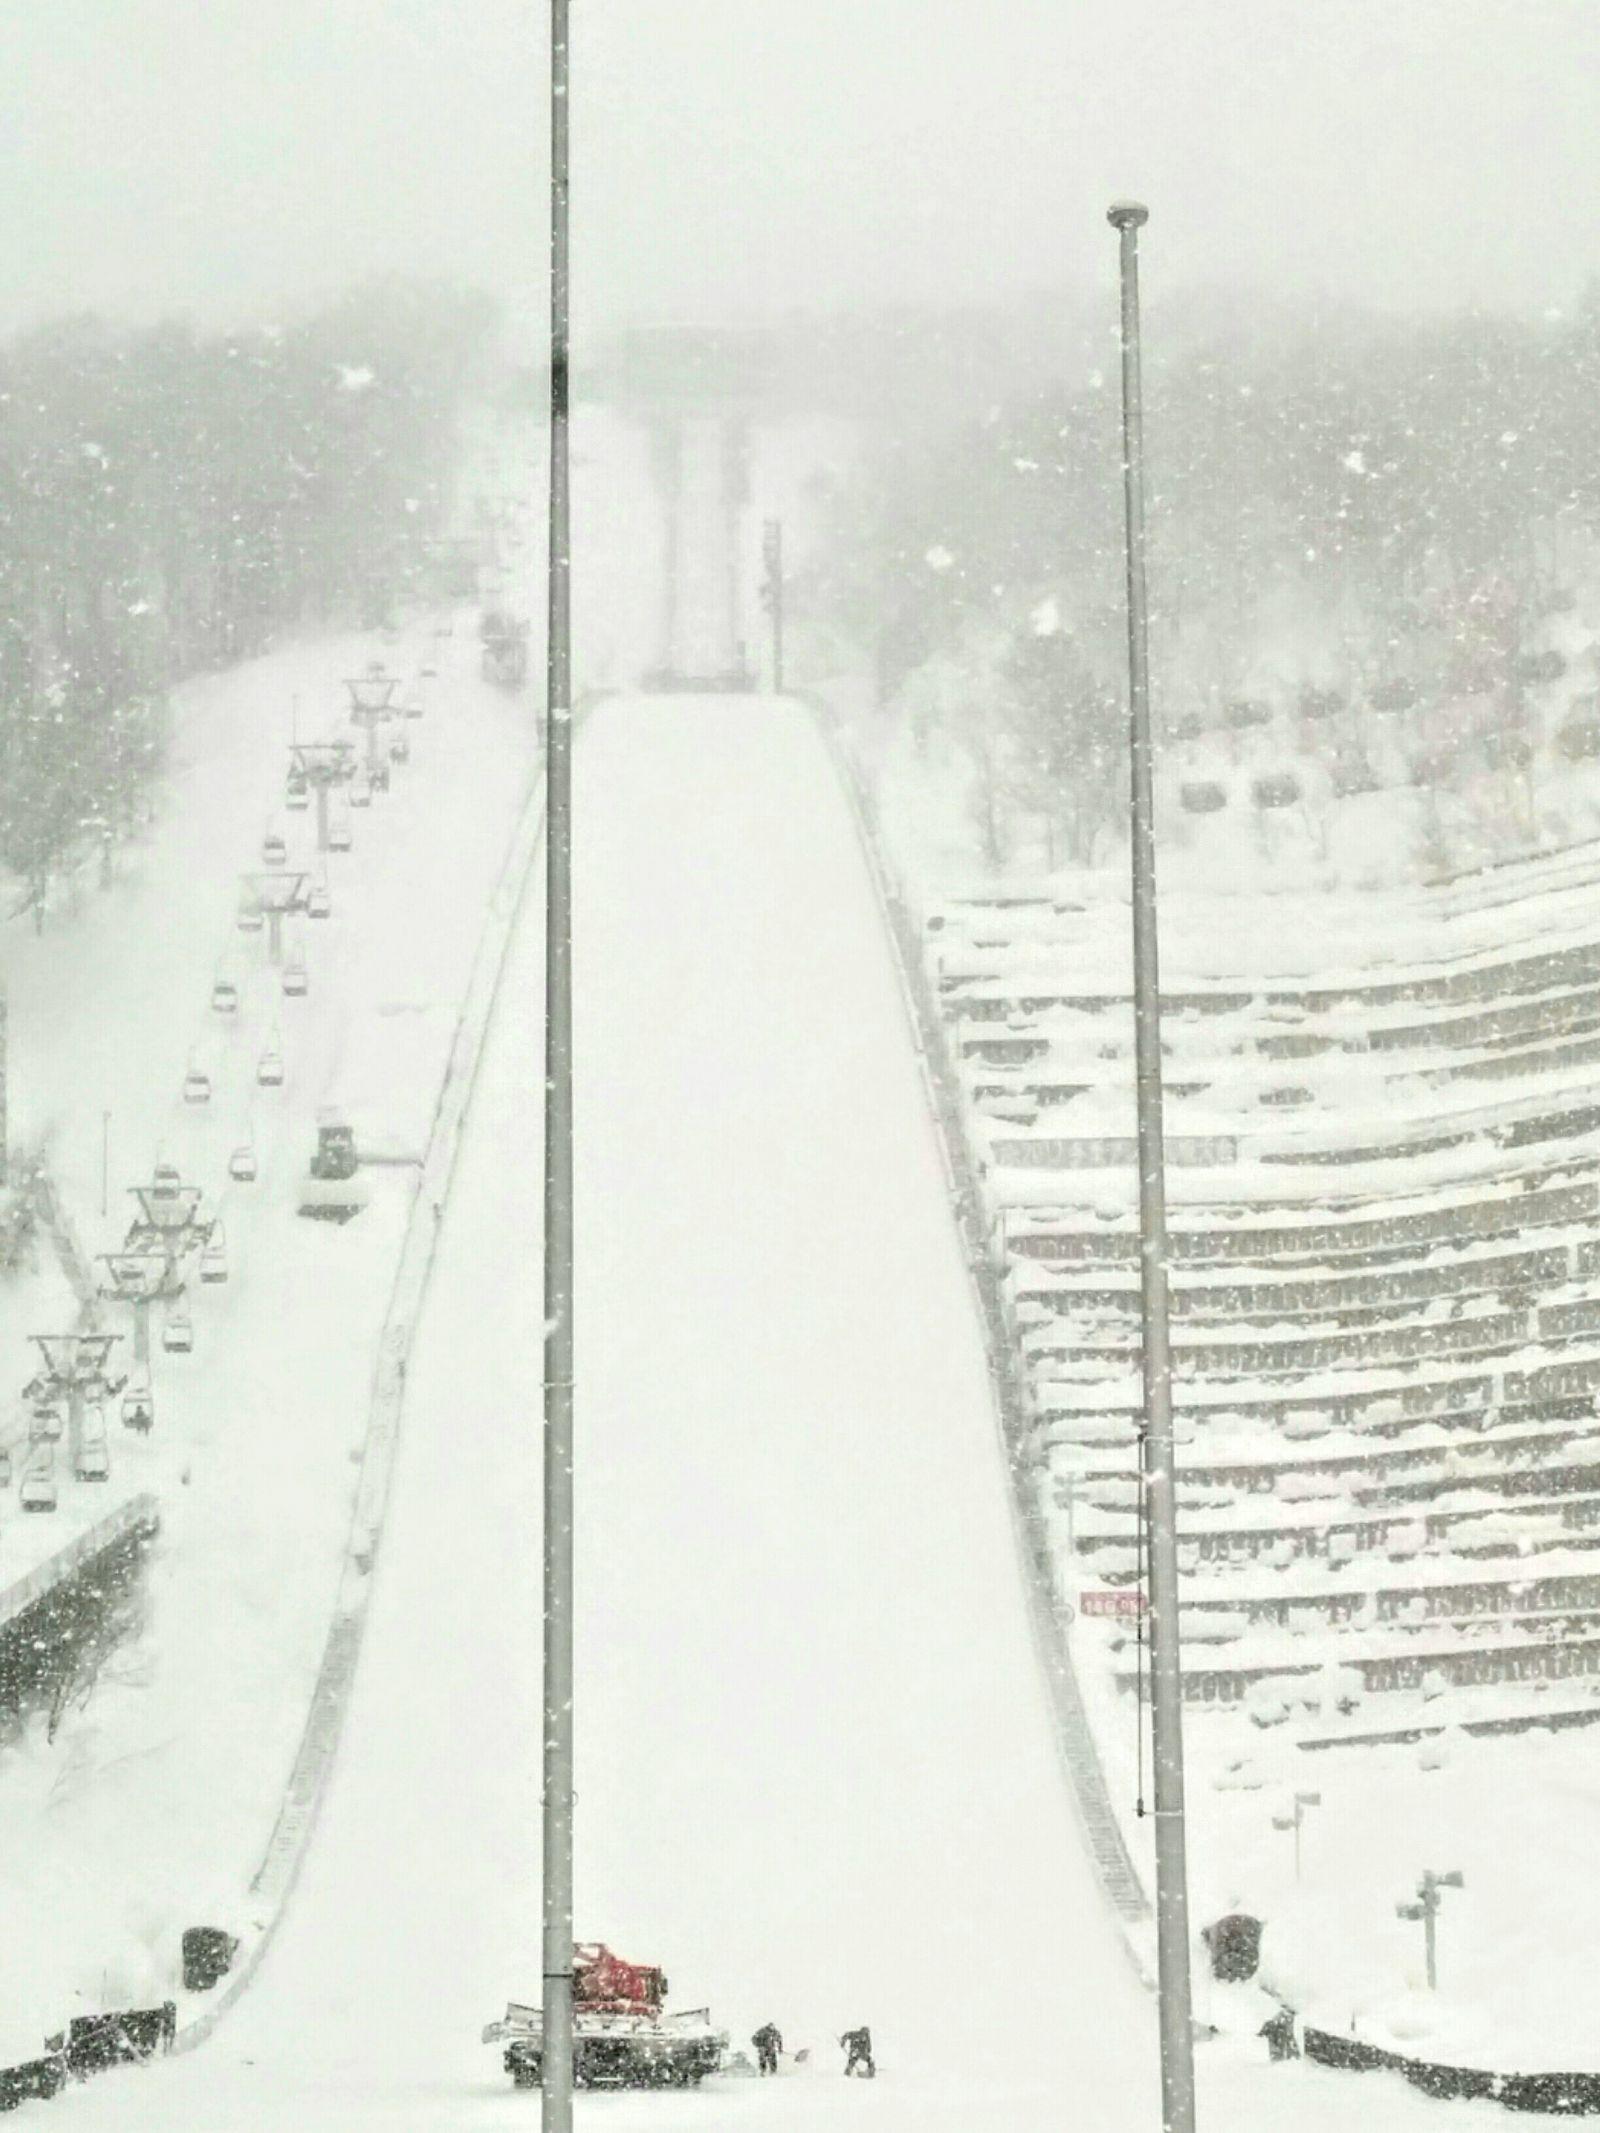 【札幌】冬の大倉山ジャンプ台観光写真です。